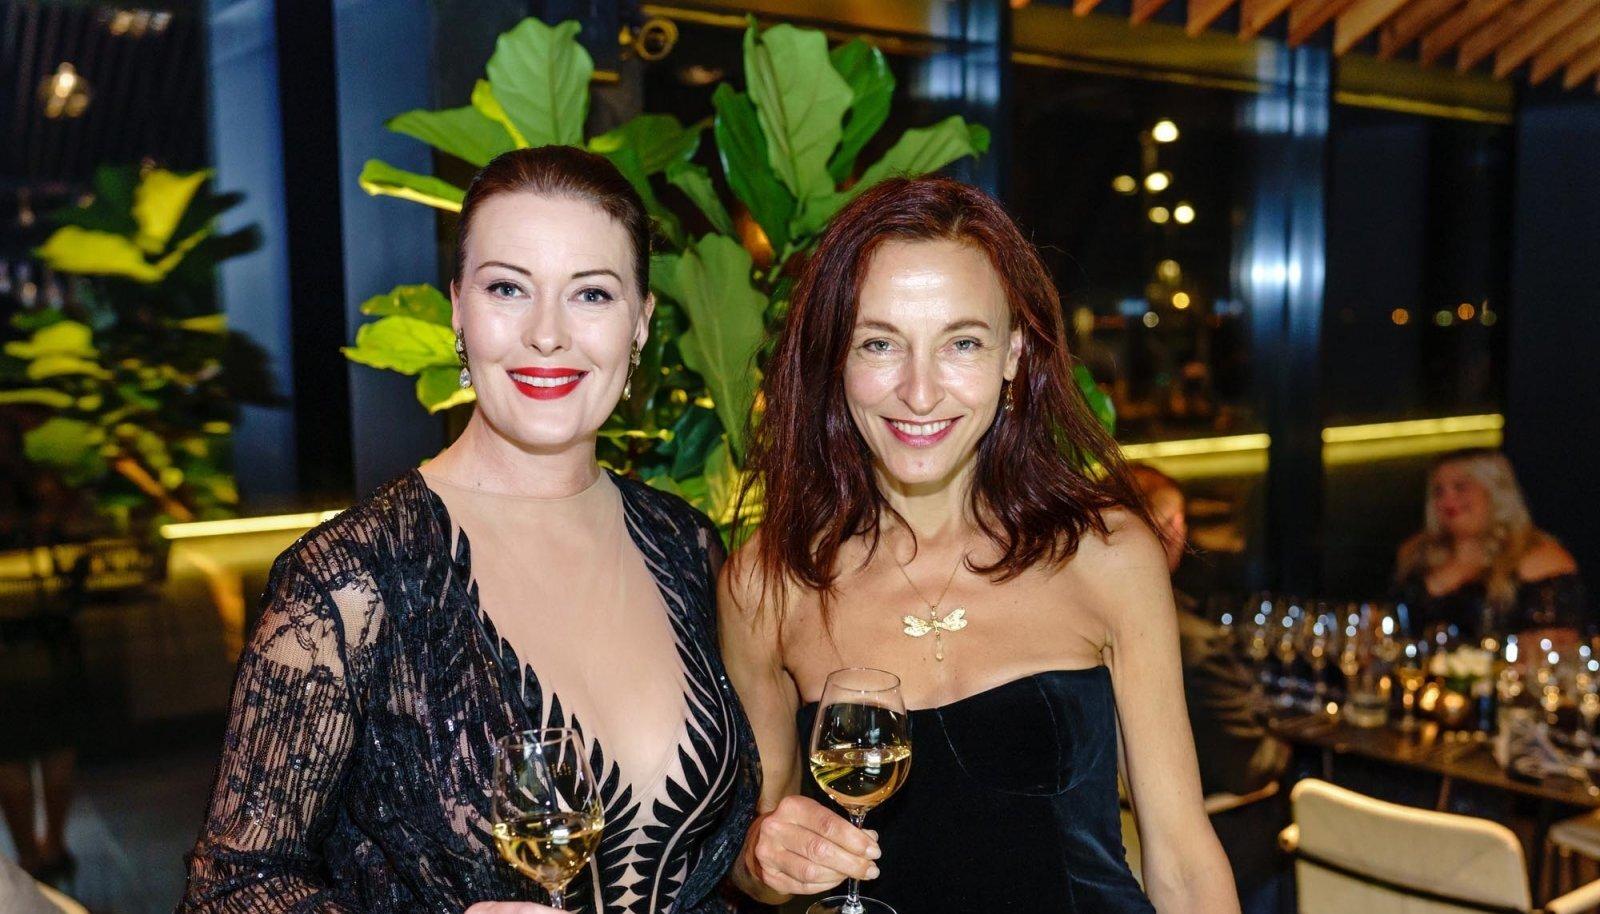 SÜDAMESÕBRANNAD Näitleja Merle Palmiste ja stilist Merit Boeijkens. Merle oskab jumalate jooki väärtustada – ta käib veinikoolis ning jagas lauakaaslastelegi asjalikke teadmisi selles vallas.